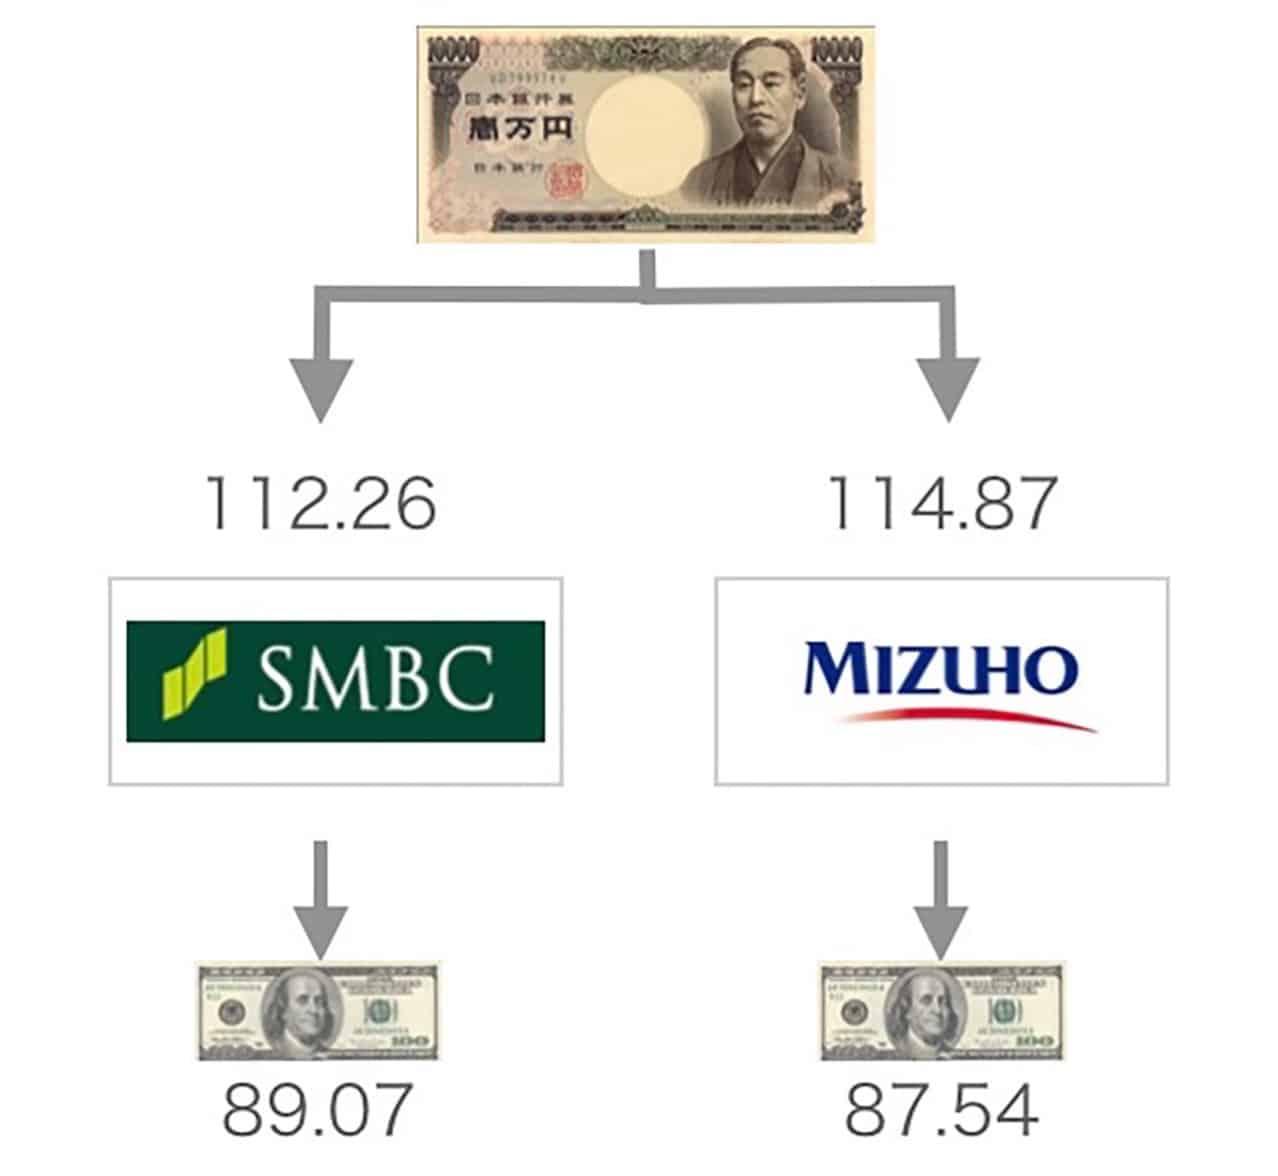 銀行 手数料 みずほ 両替